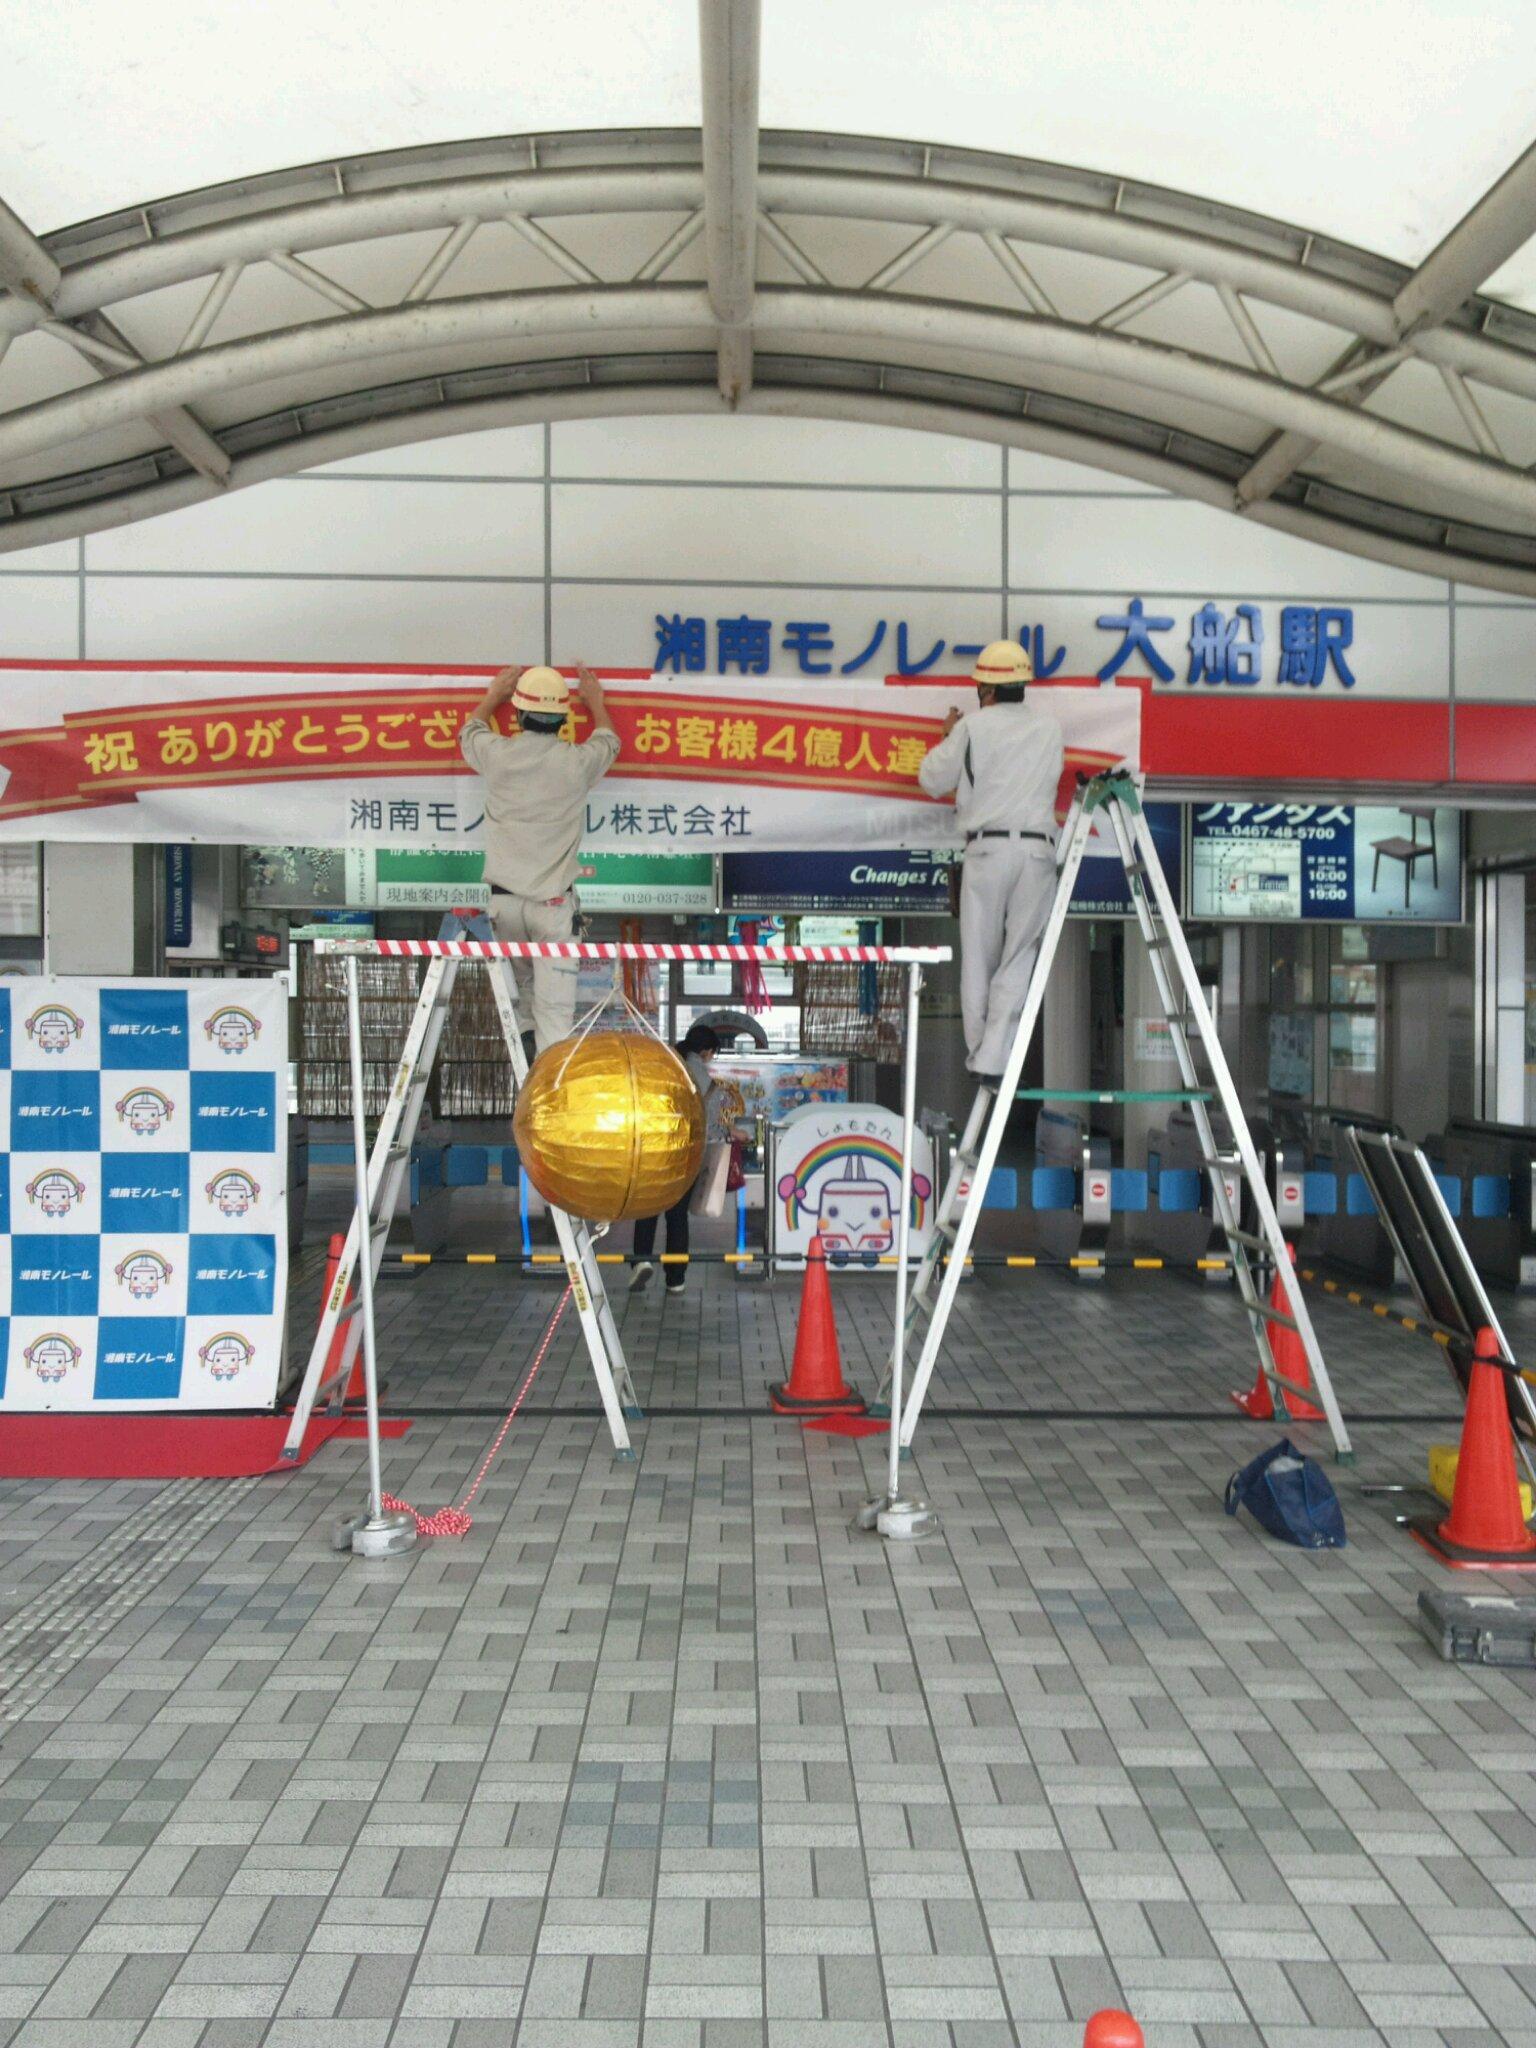 湘南モノレールお客様ご乗車4億人達成感謝セレモニー